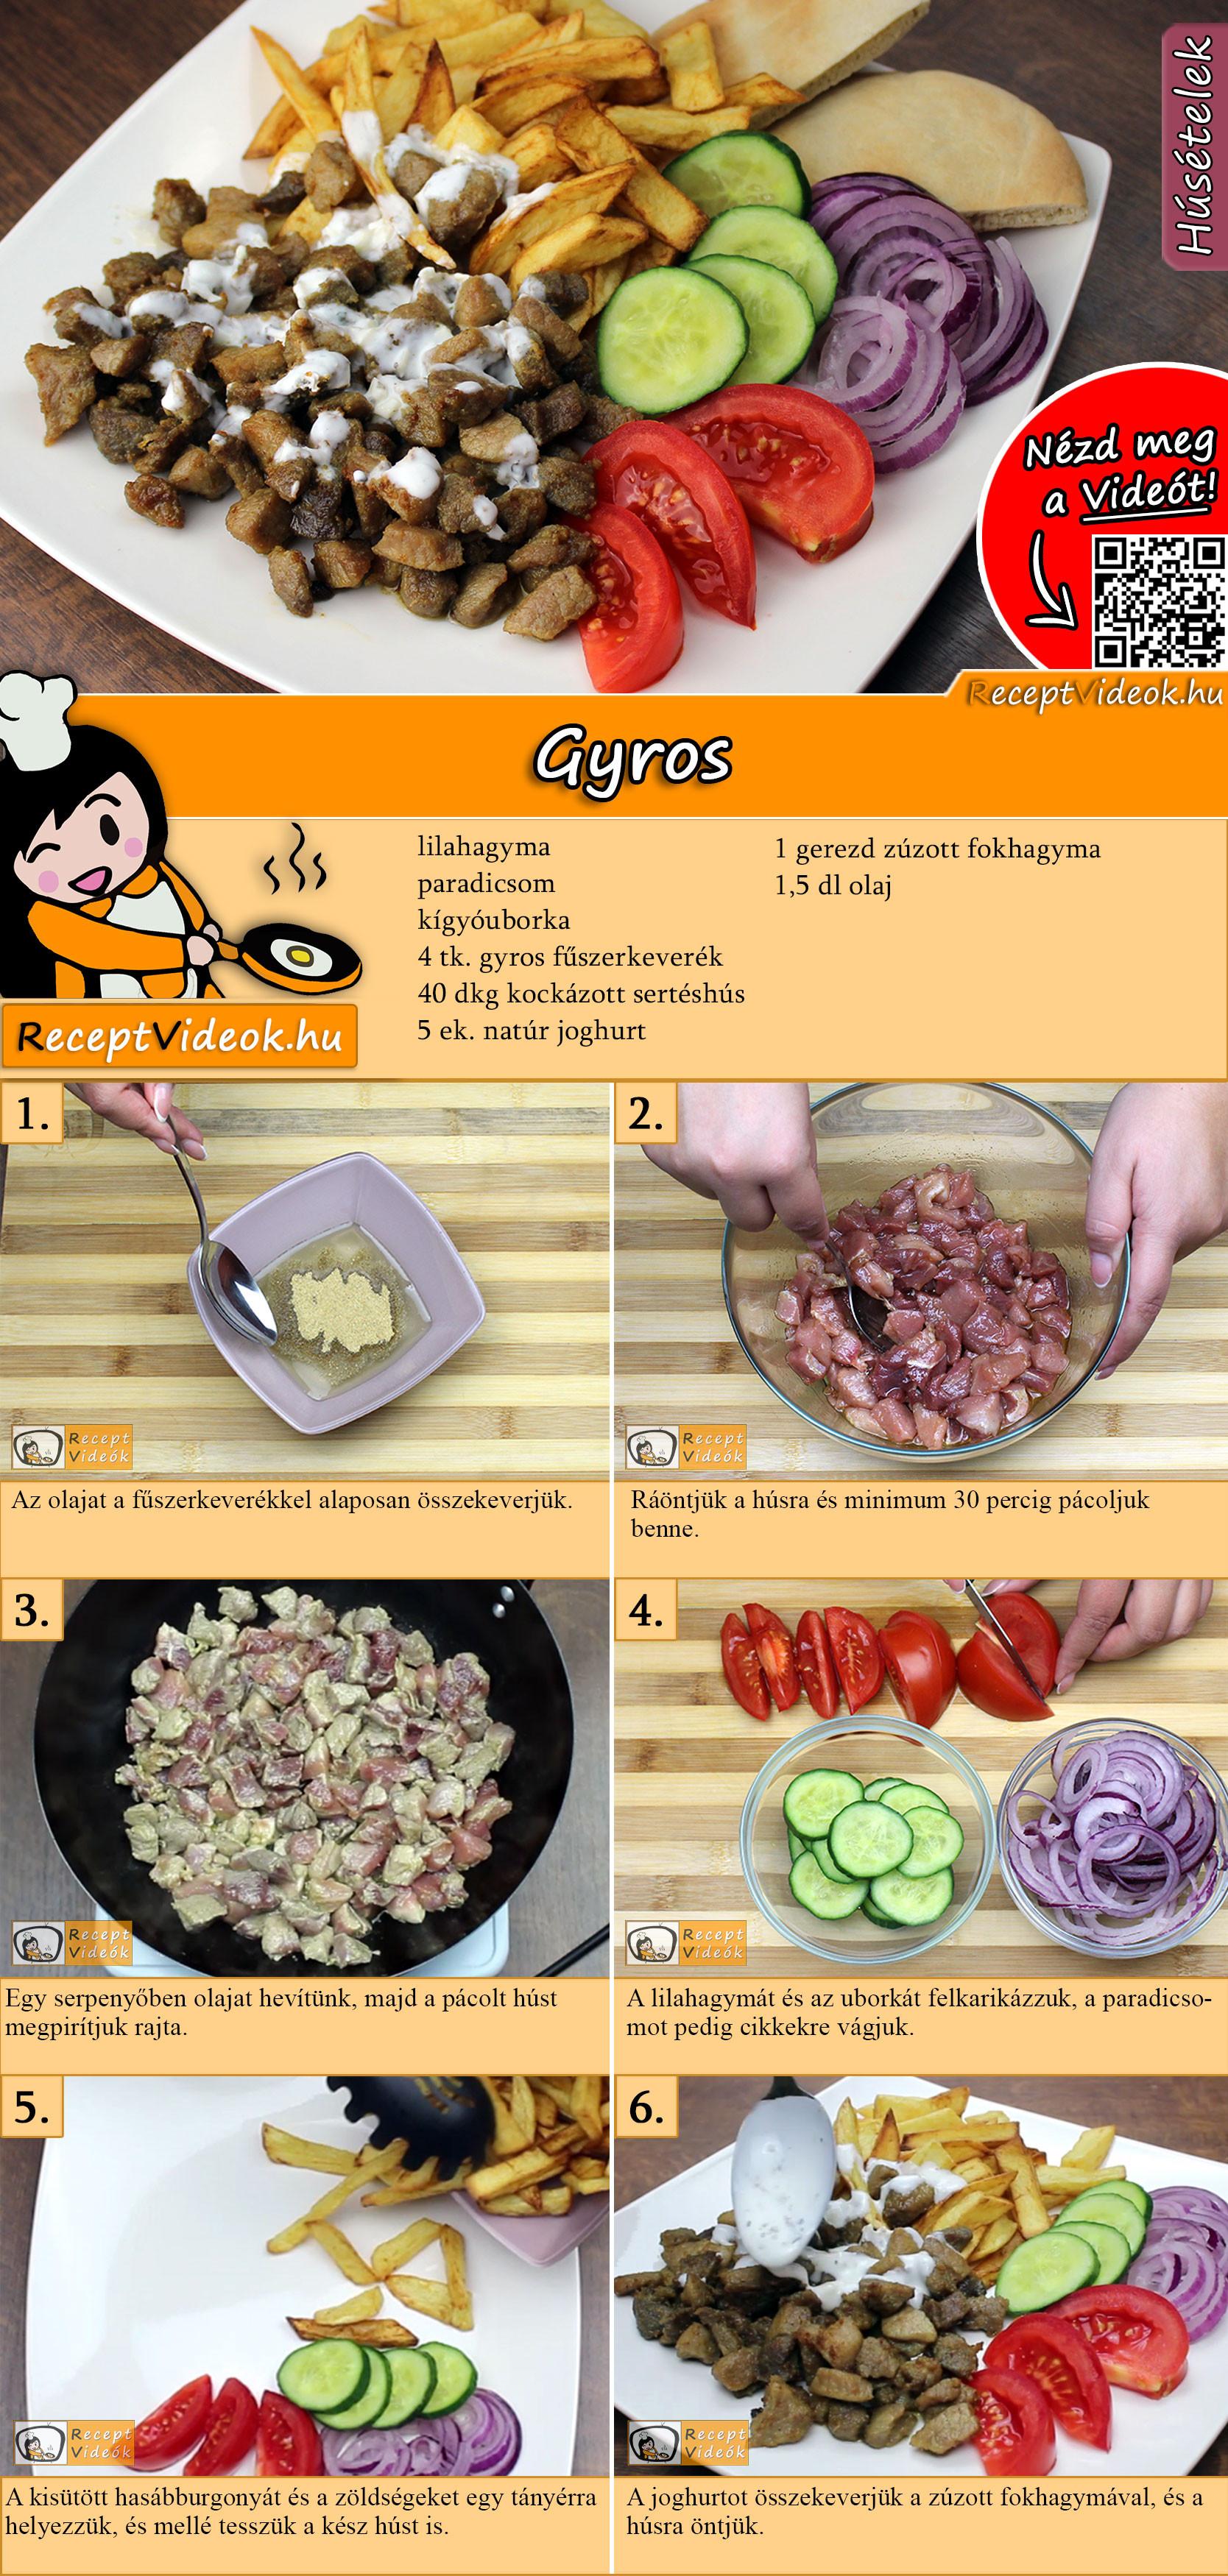 Gyros recept elkészítése videóval